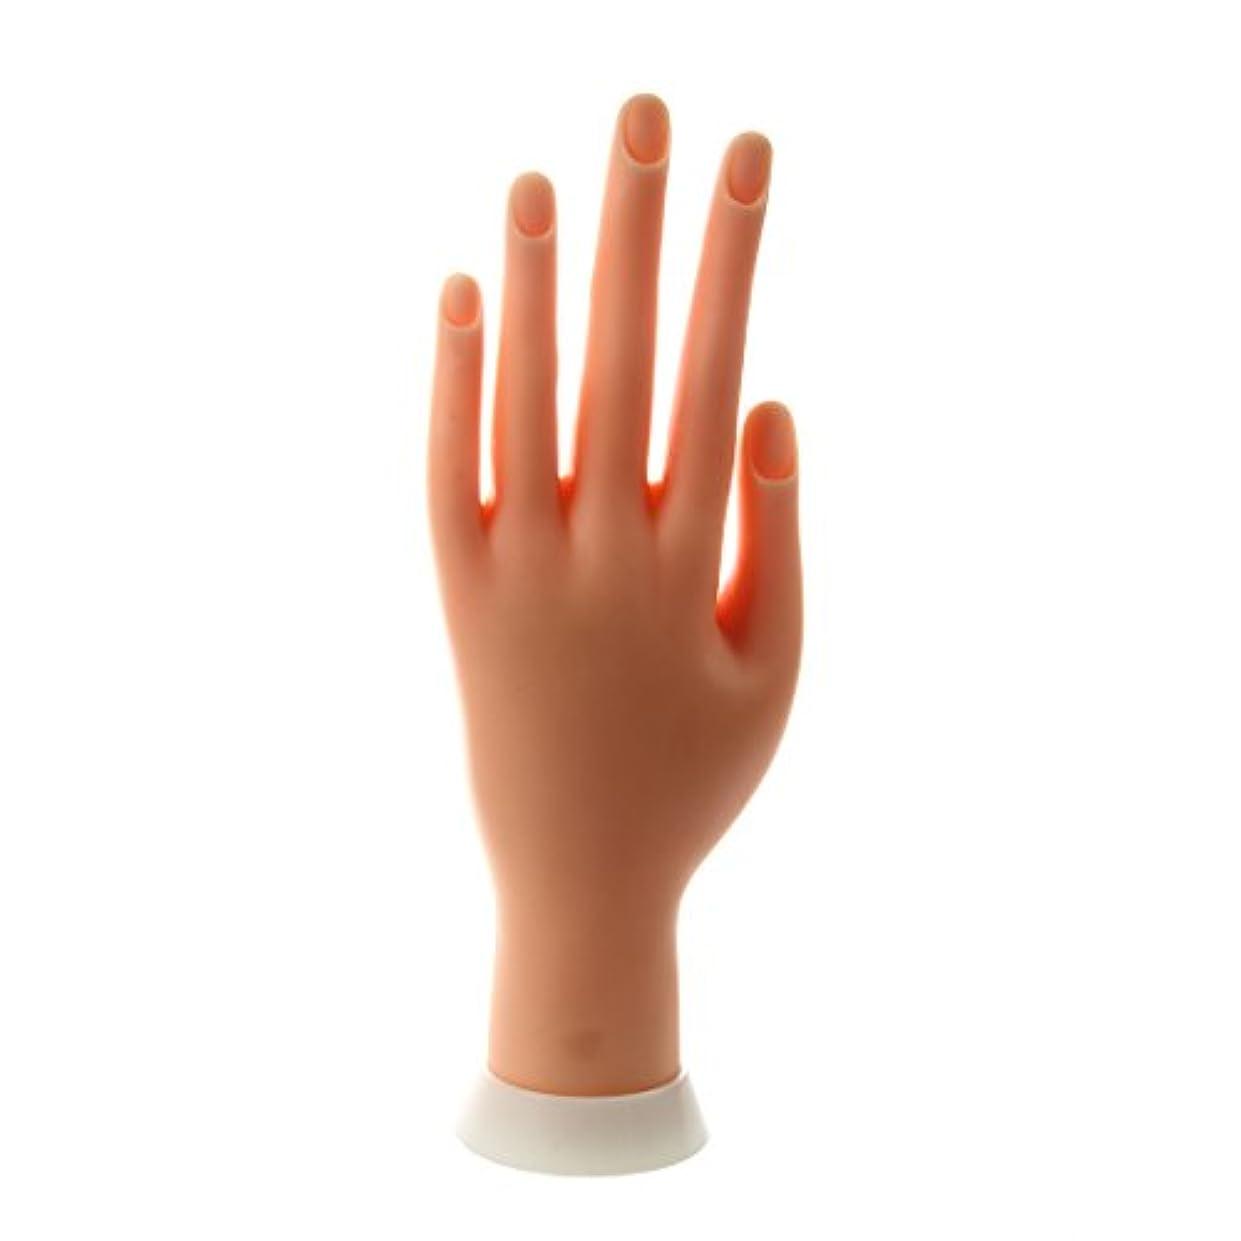 ショットこねるむしろACAMPTAR ACAMPTAR(R) ネイルアートの練習のためのモデル左手